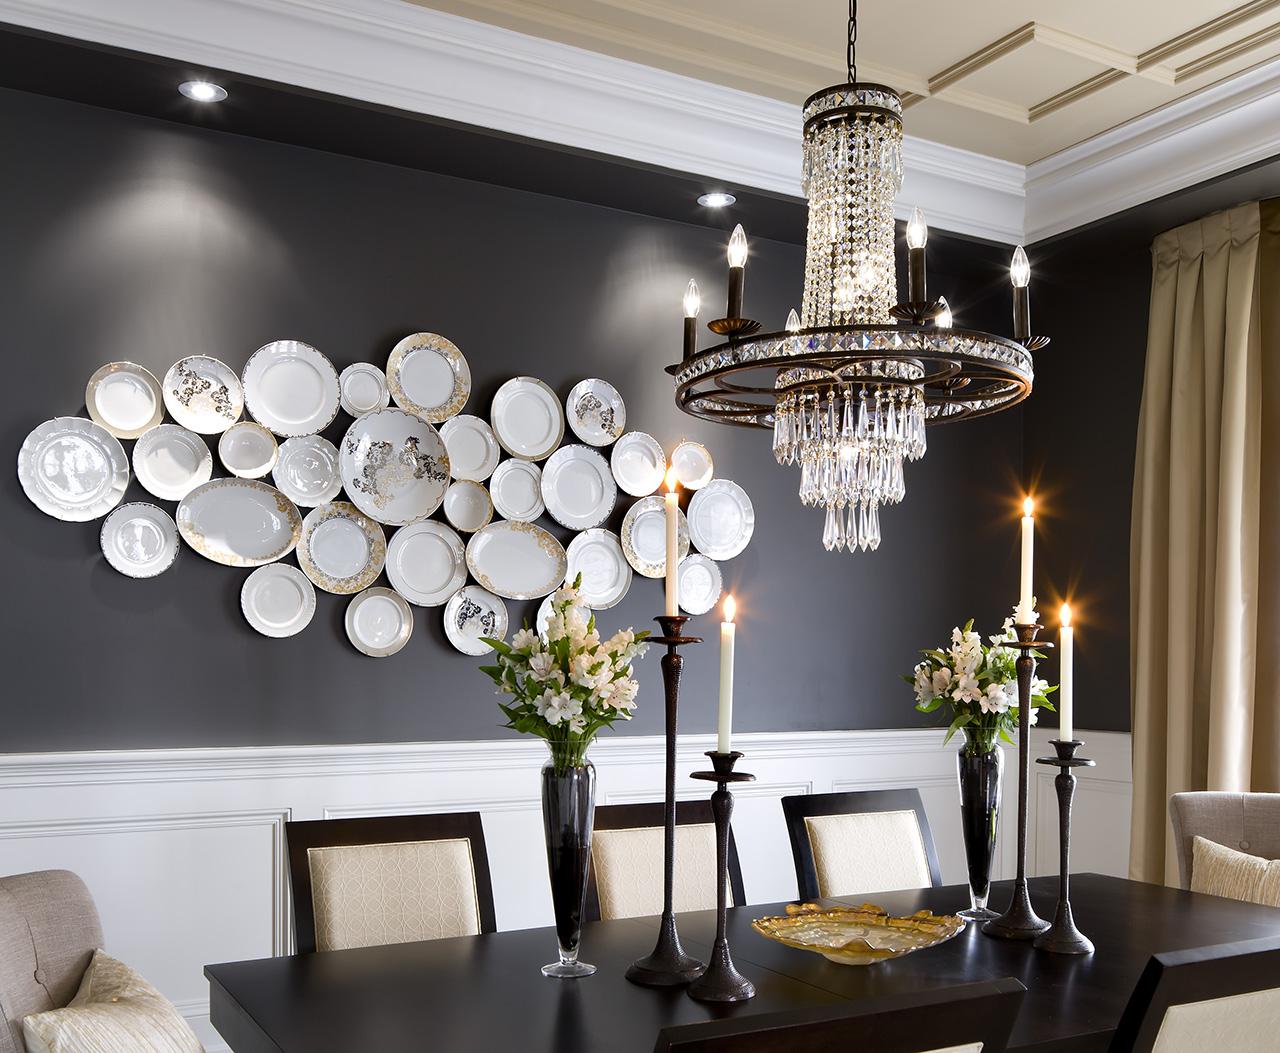 Тарелки на стене в роскошной столовой